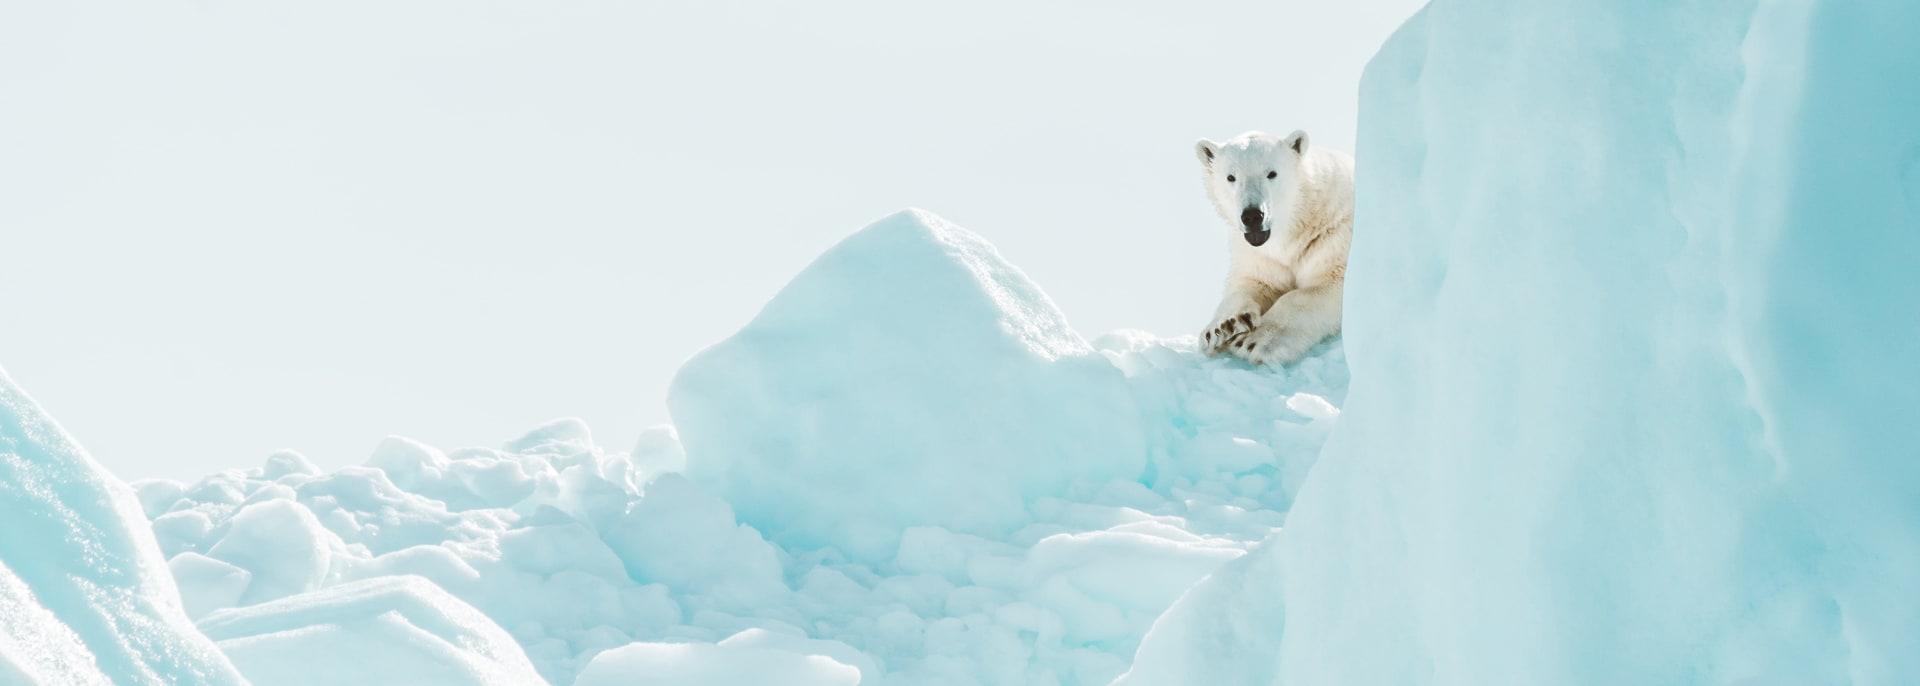 Arktis Sommer